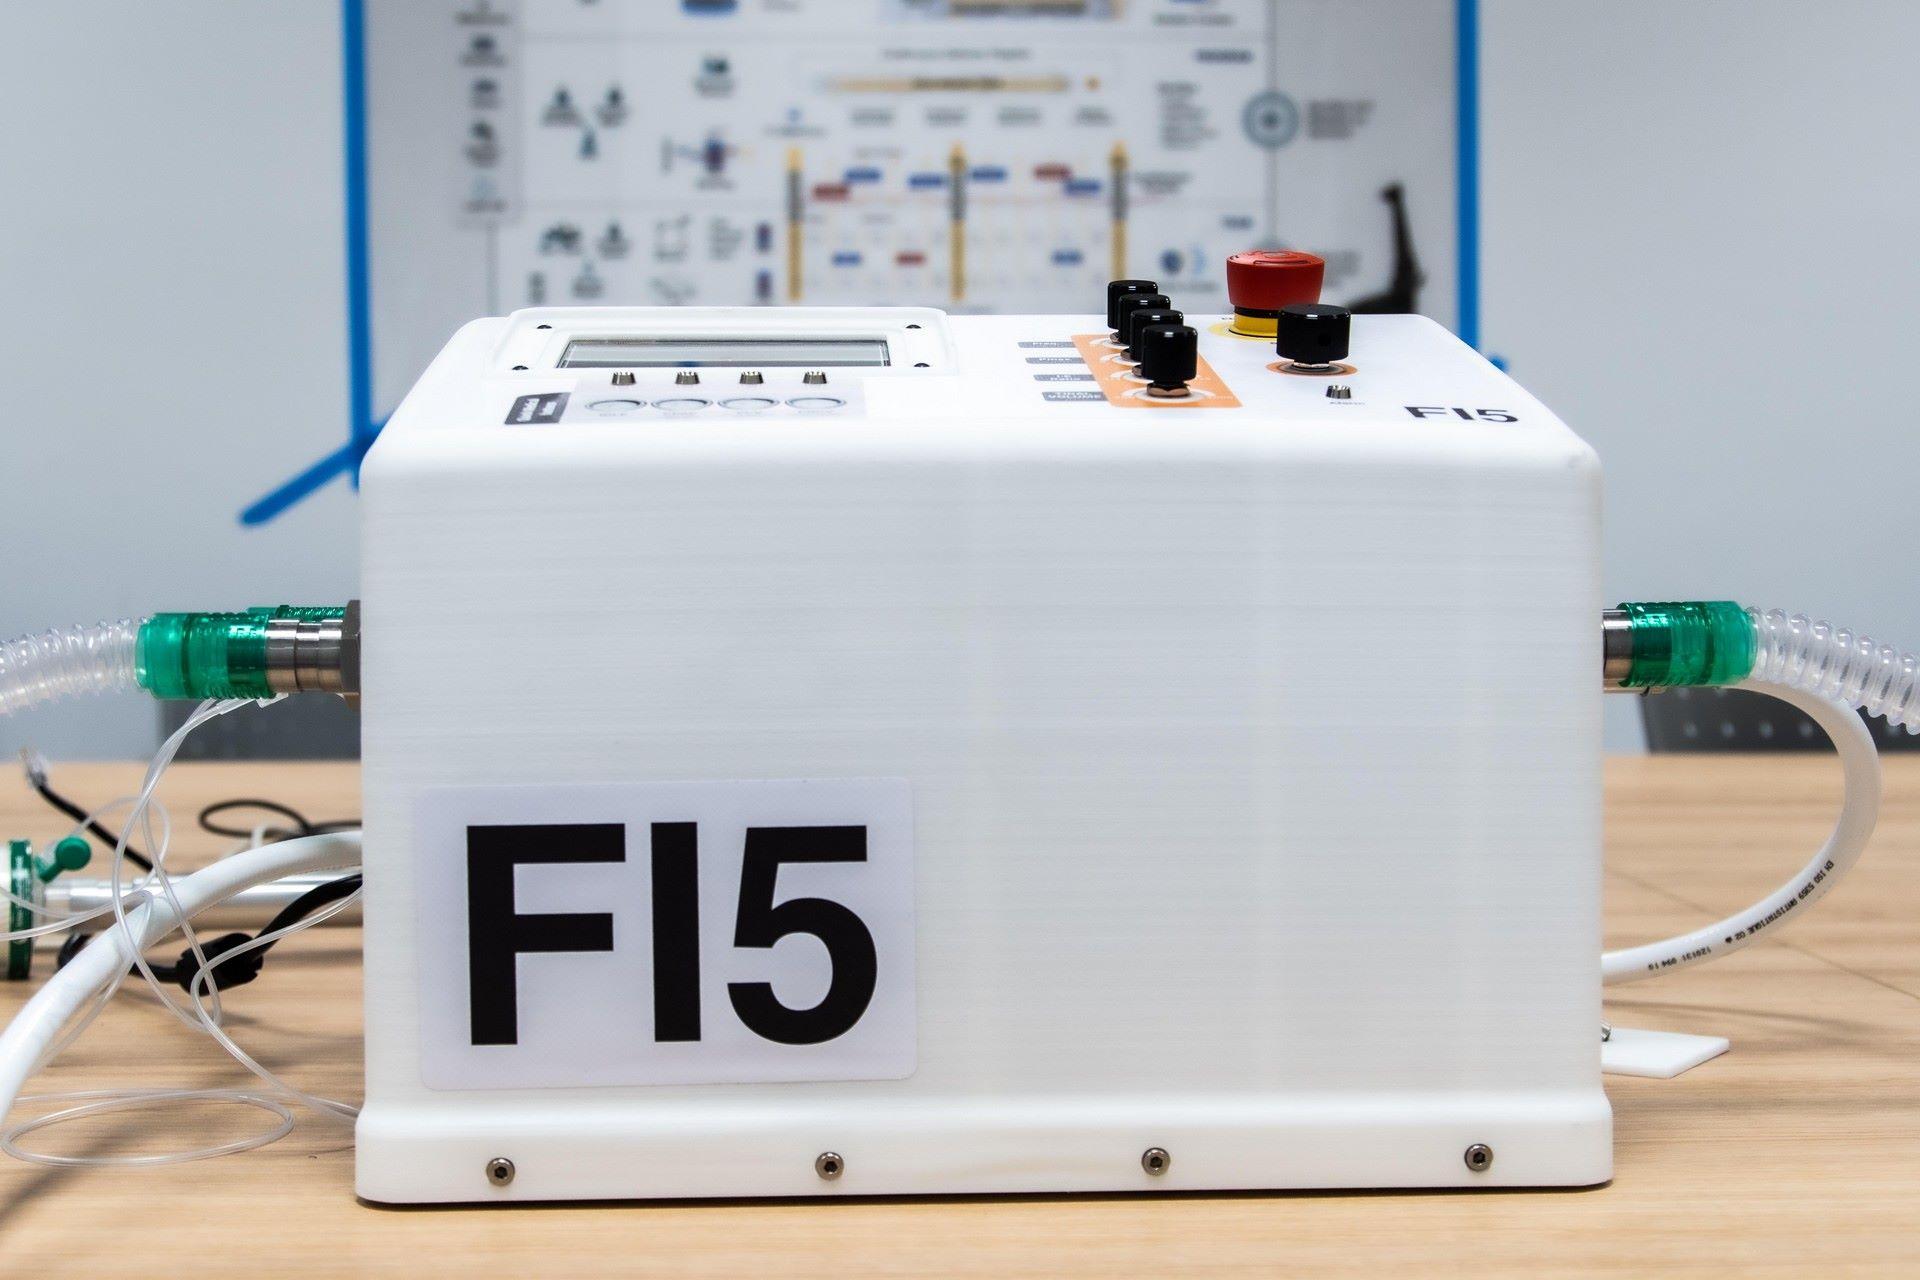 Ferrari-FI5-Ventilator-4